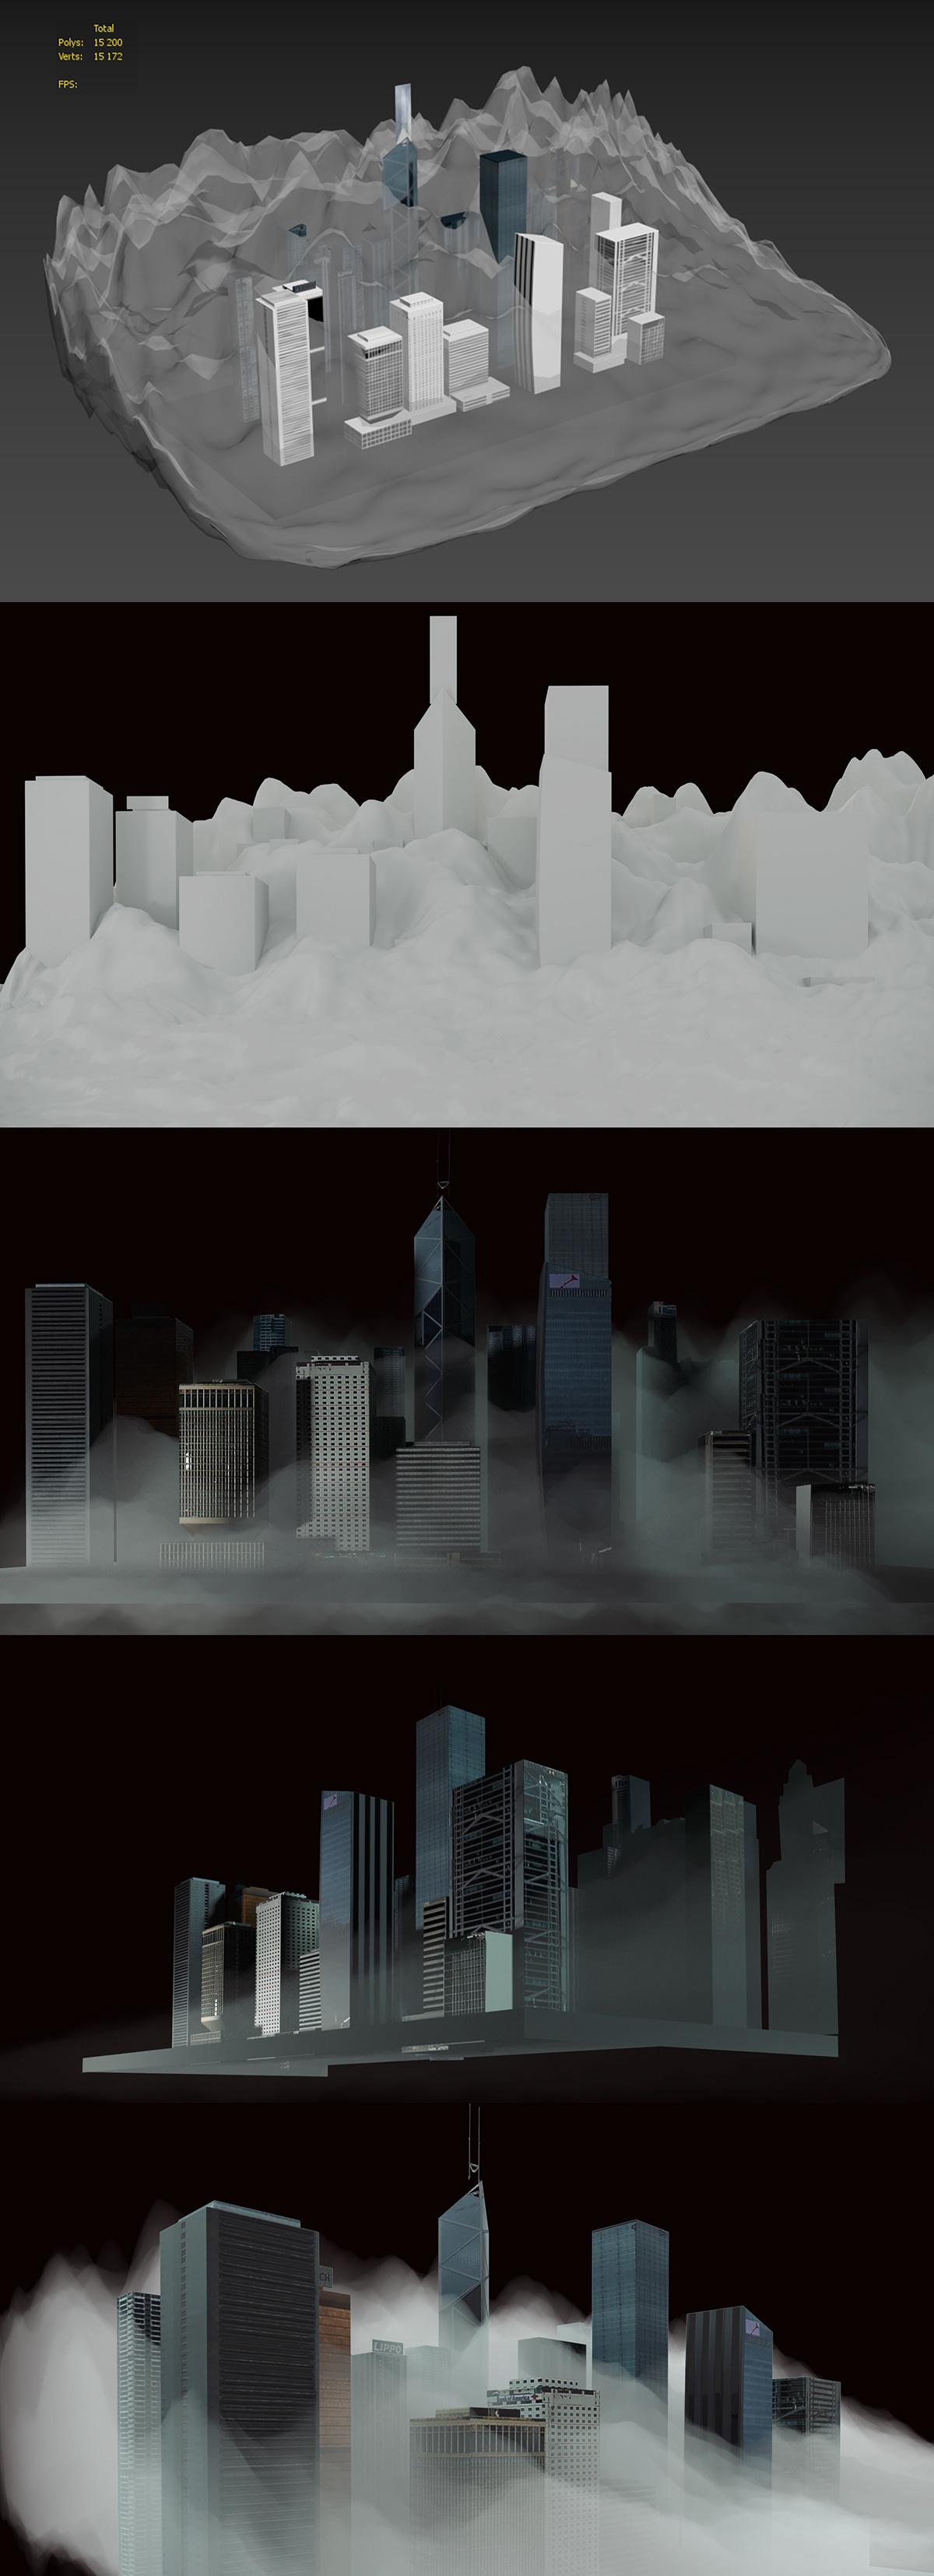 GUMROAD 3D ASSETS on Behance